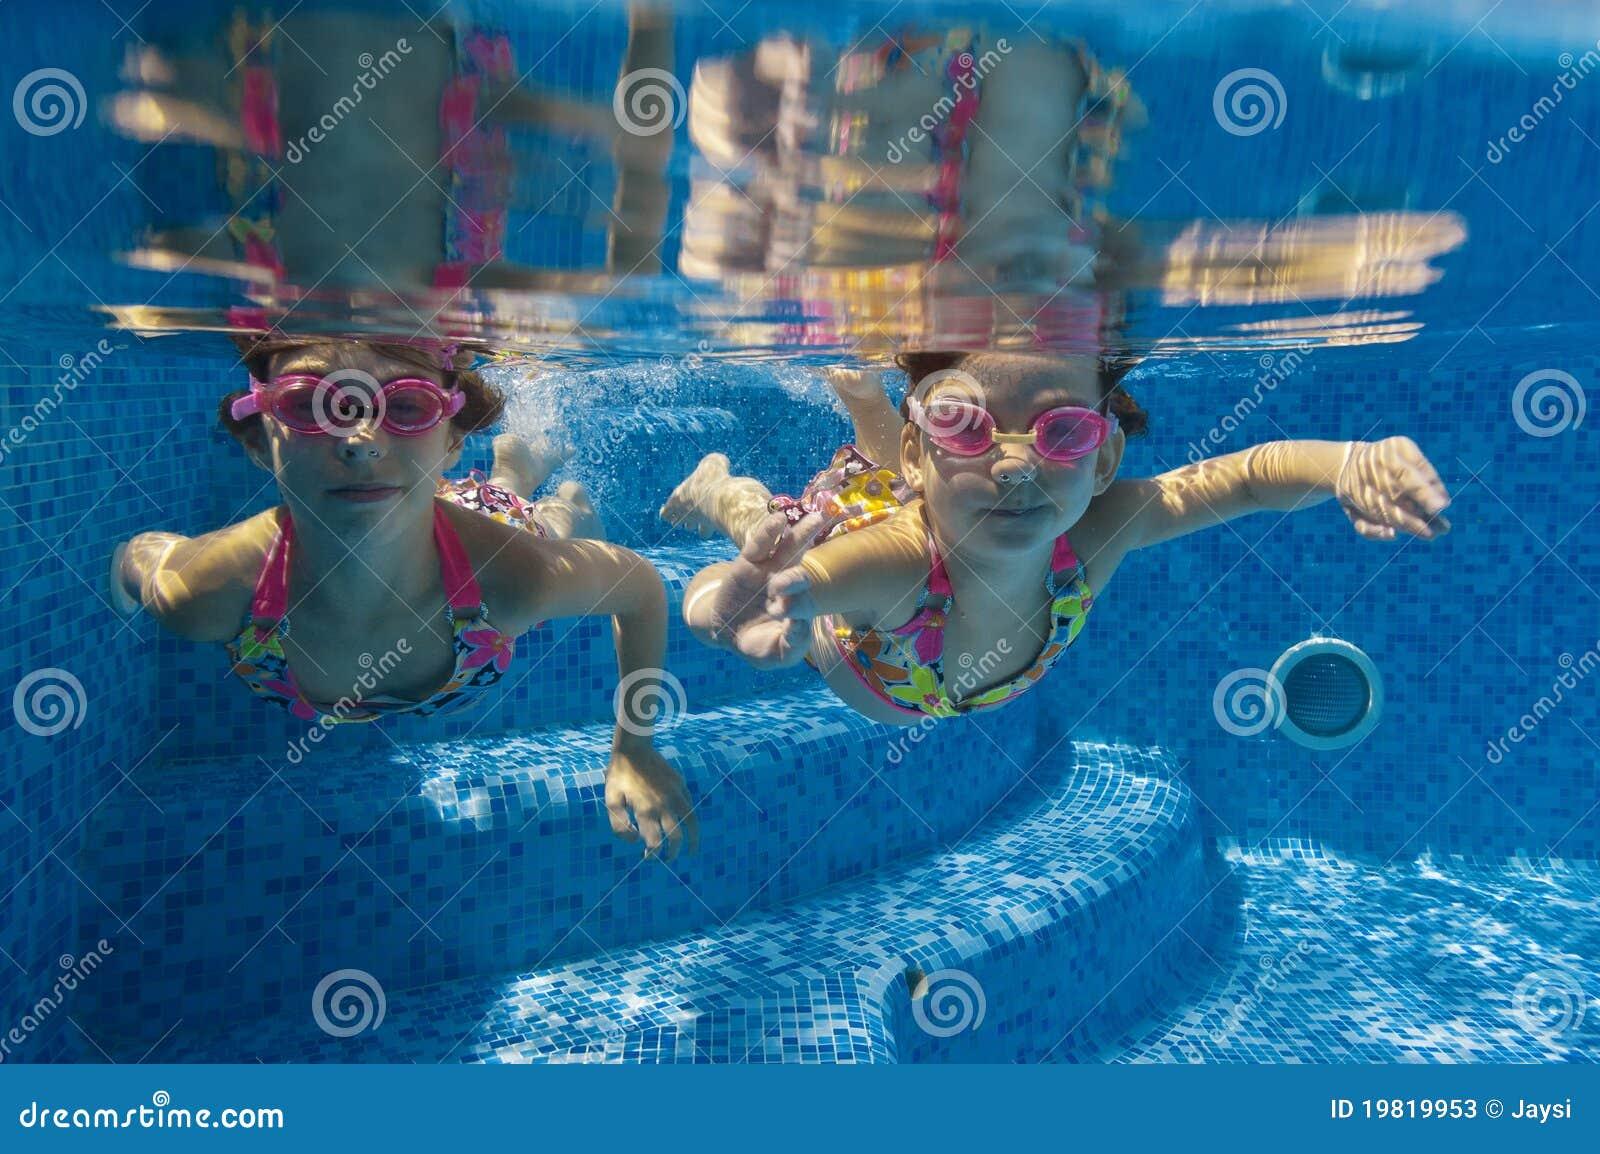 Kids swimming underwater children swimming underwater